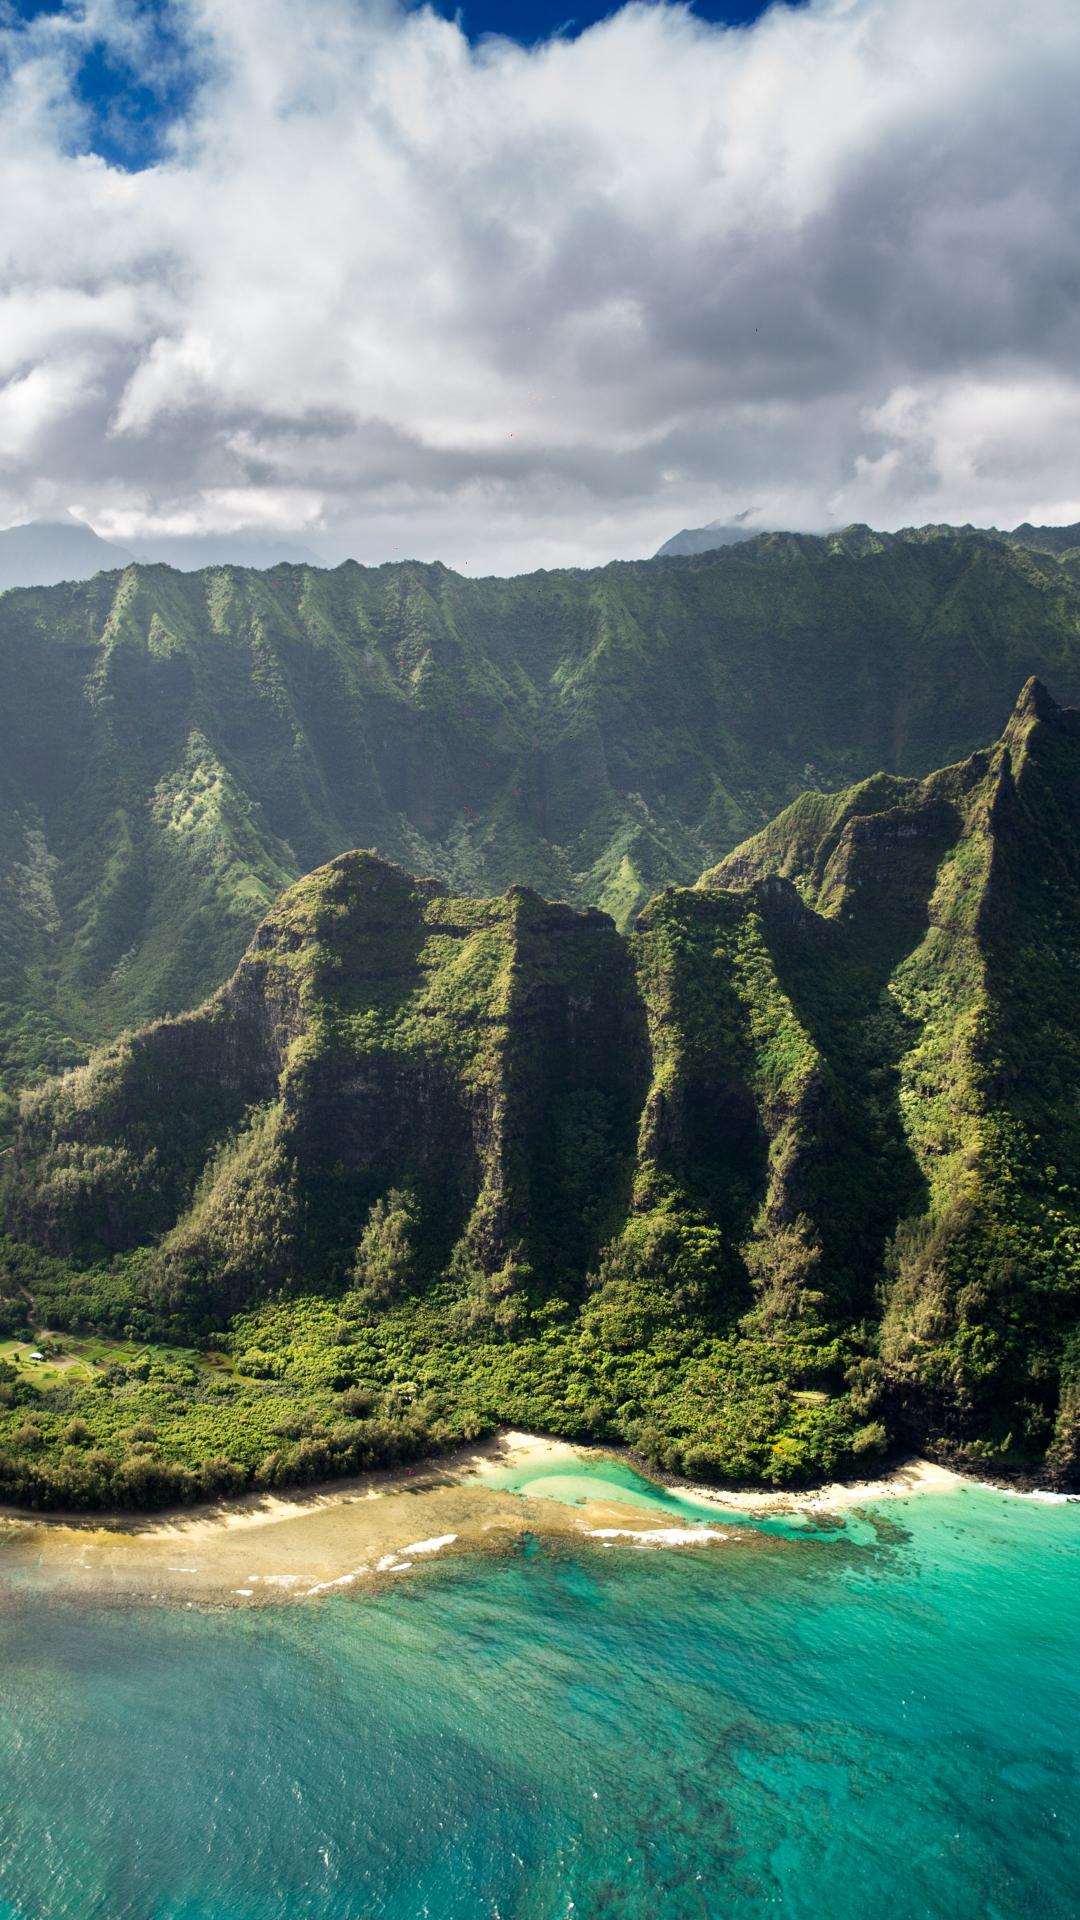 Kauai iPhone Wallpaper